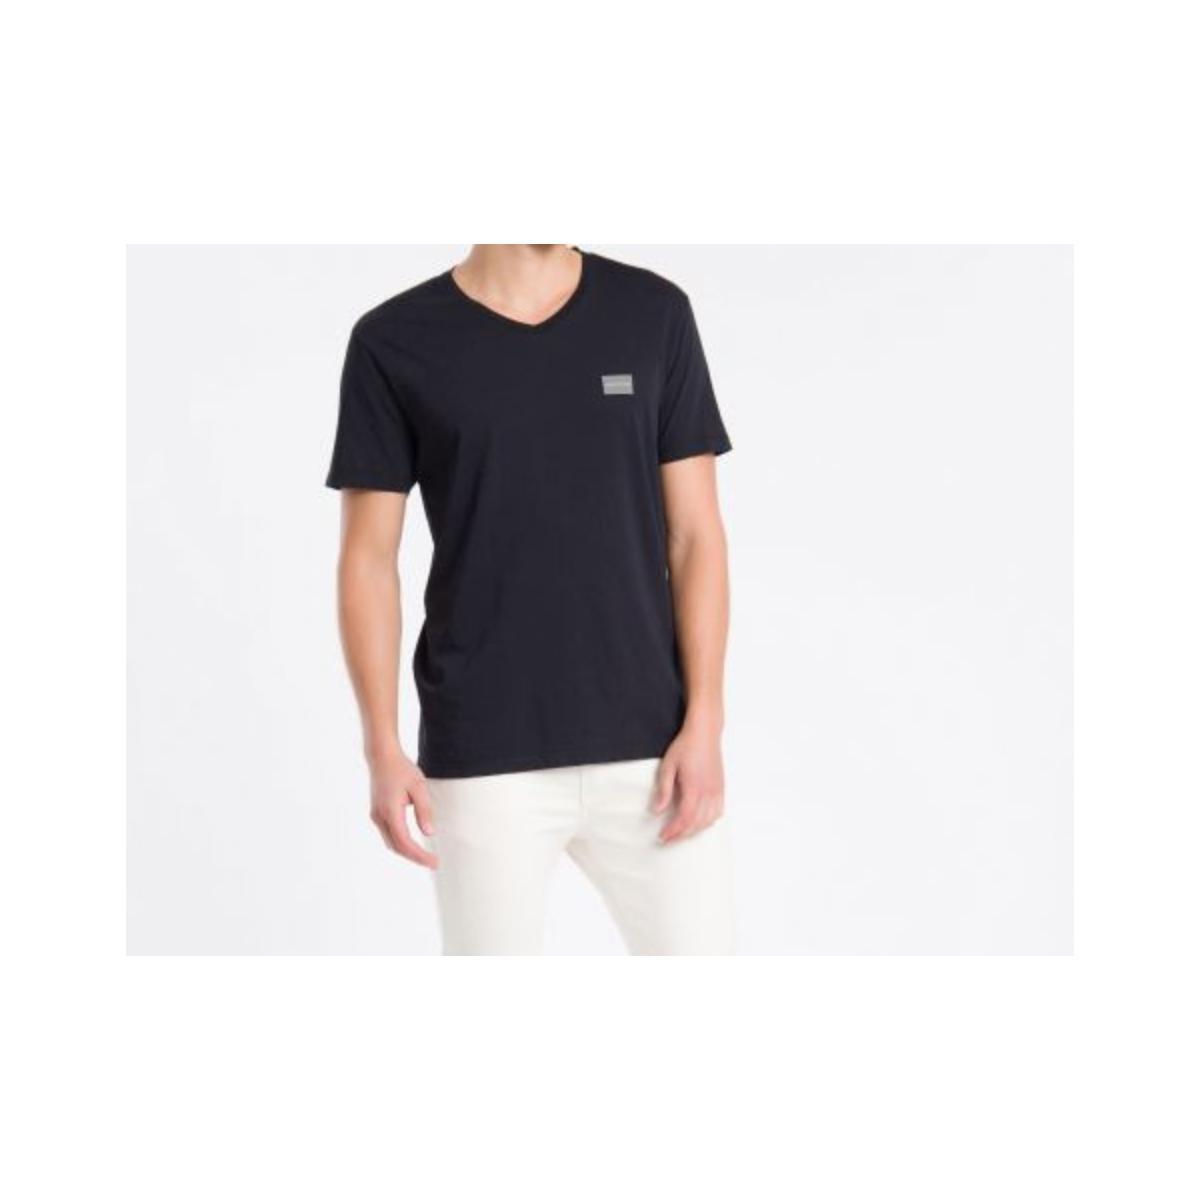 Camiseta Masculina Calvin Klein Ckjm100 Preto